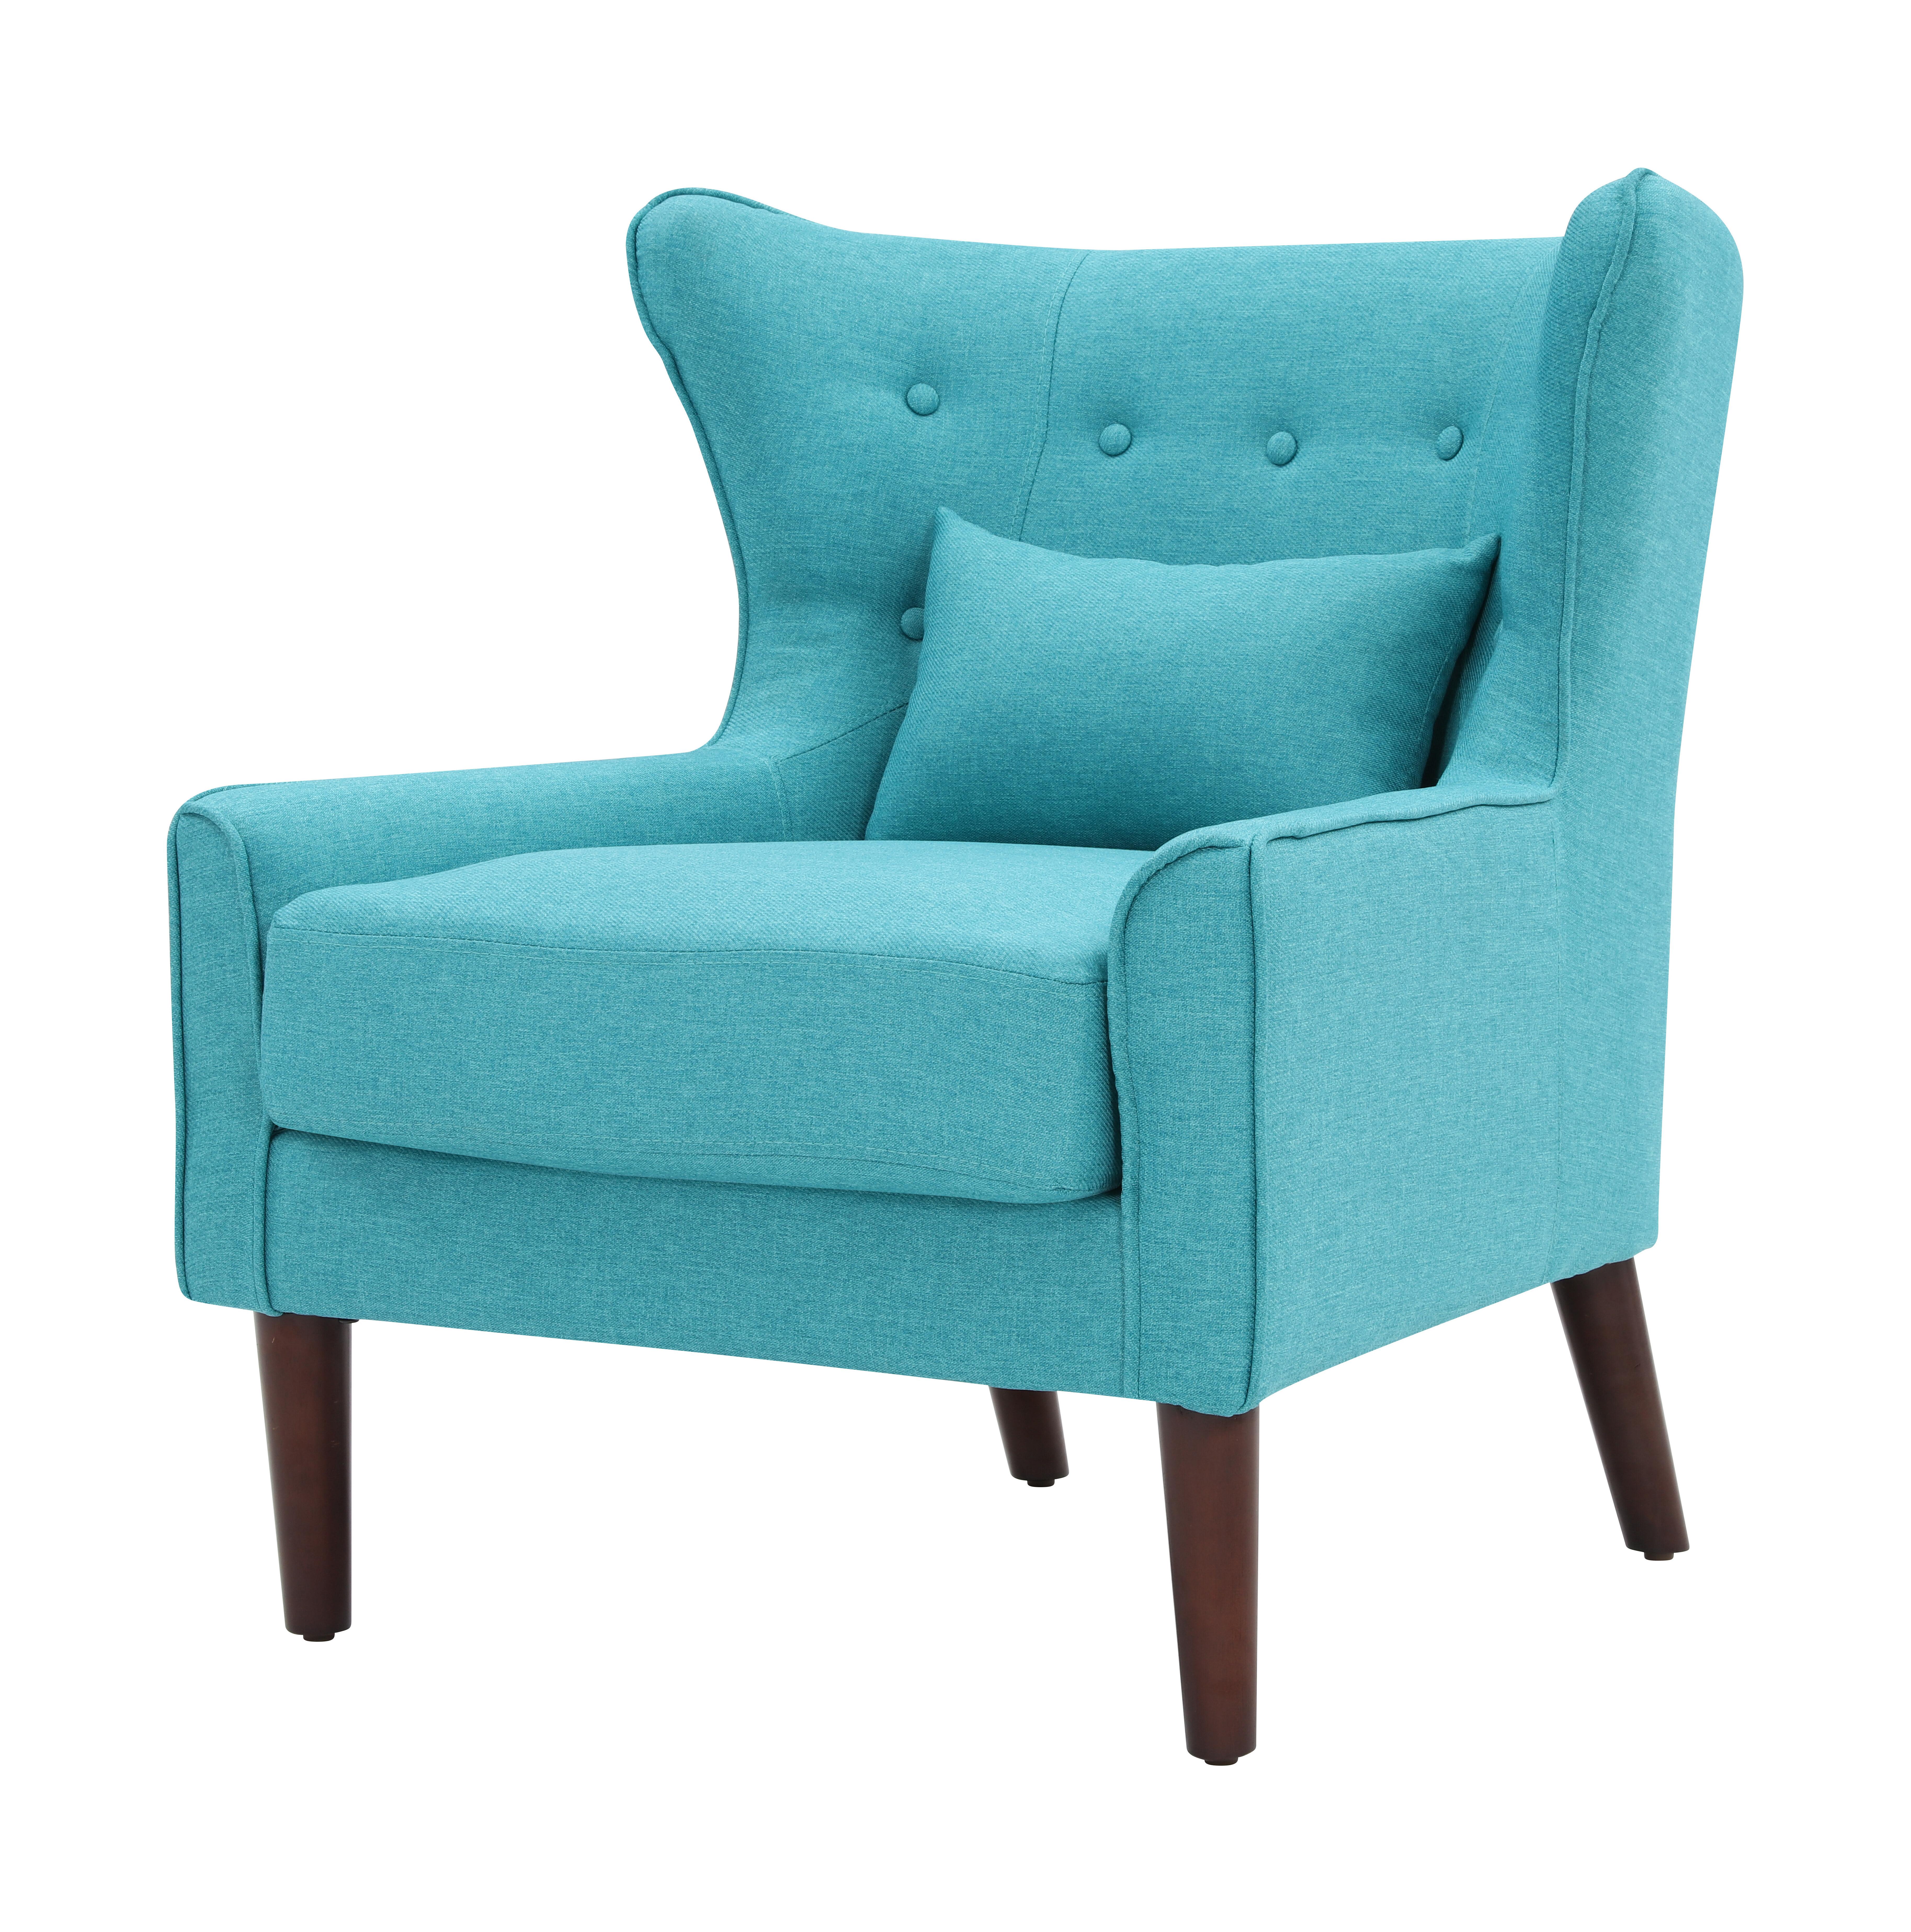 Artistiq Fauteuil 'Carol' kleur Turquoise